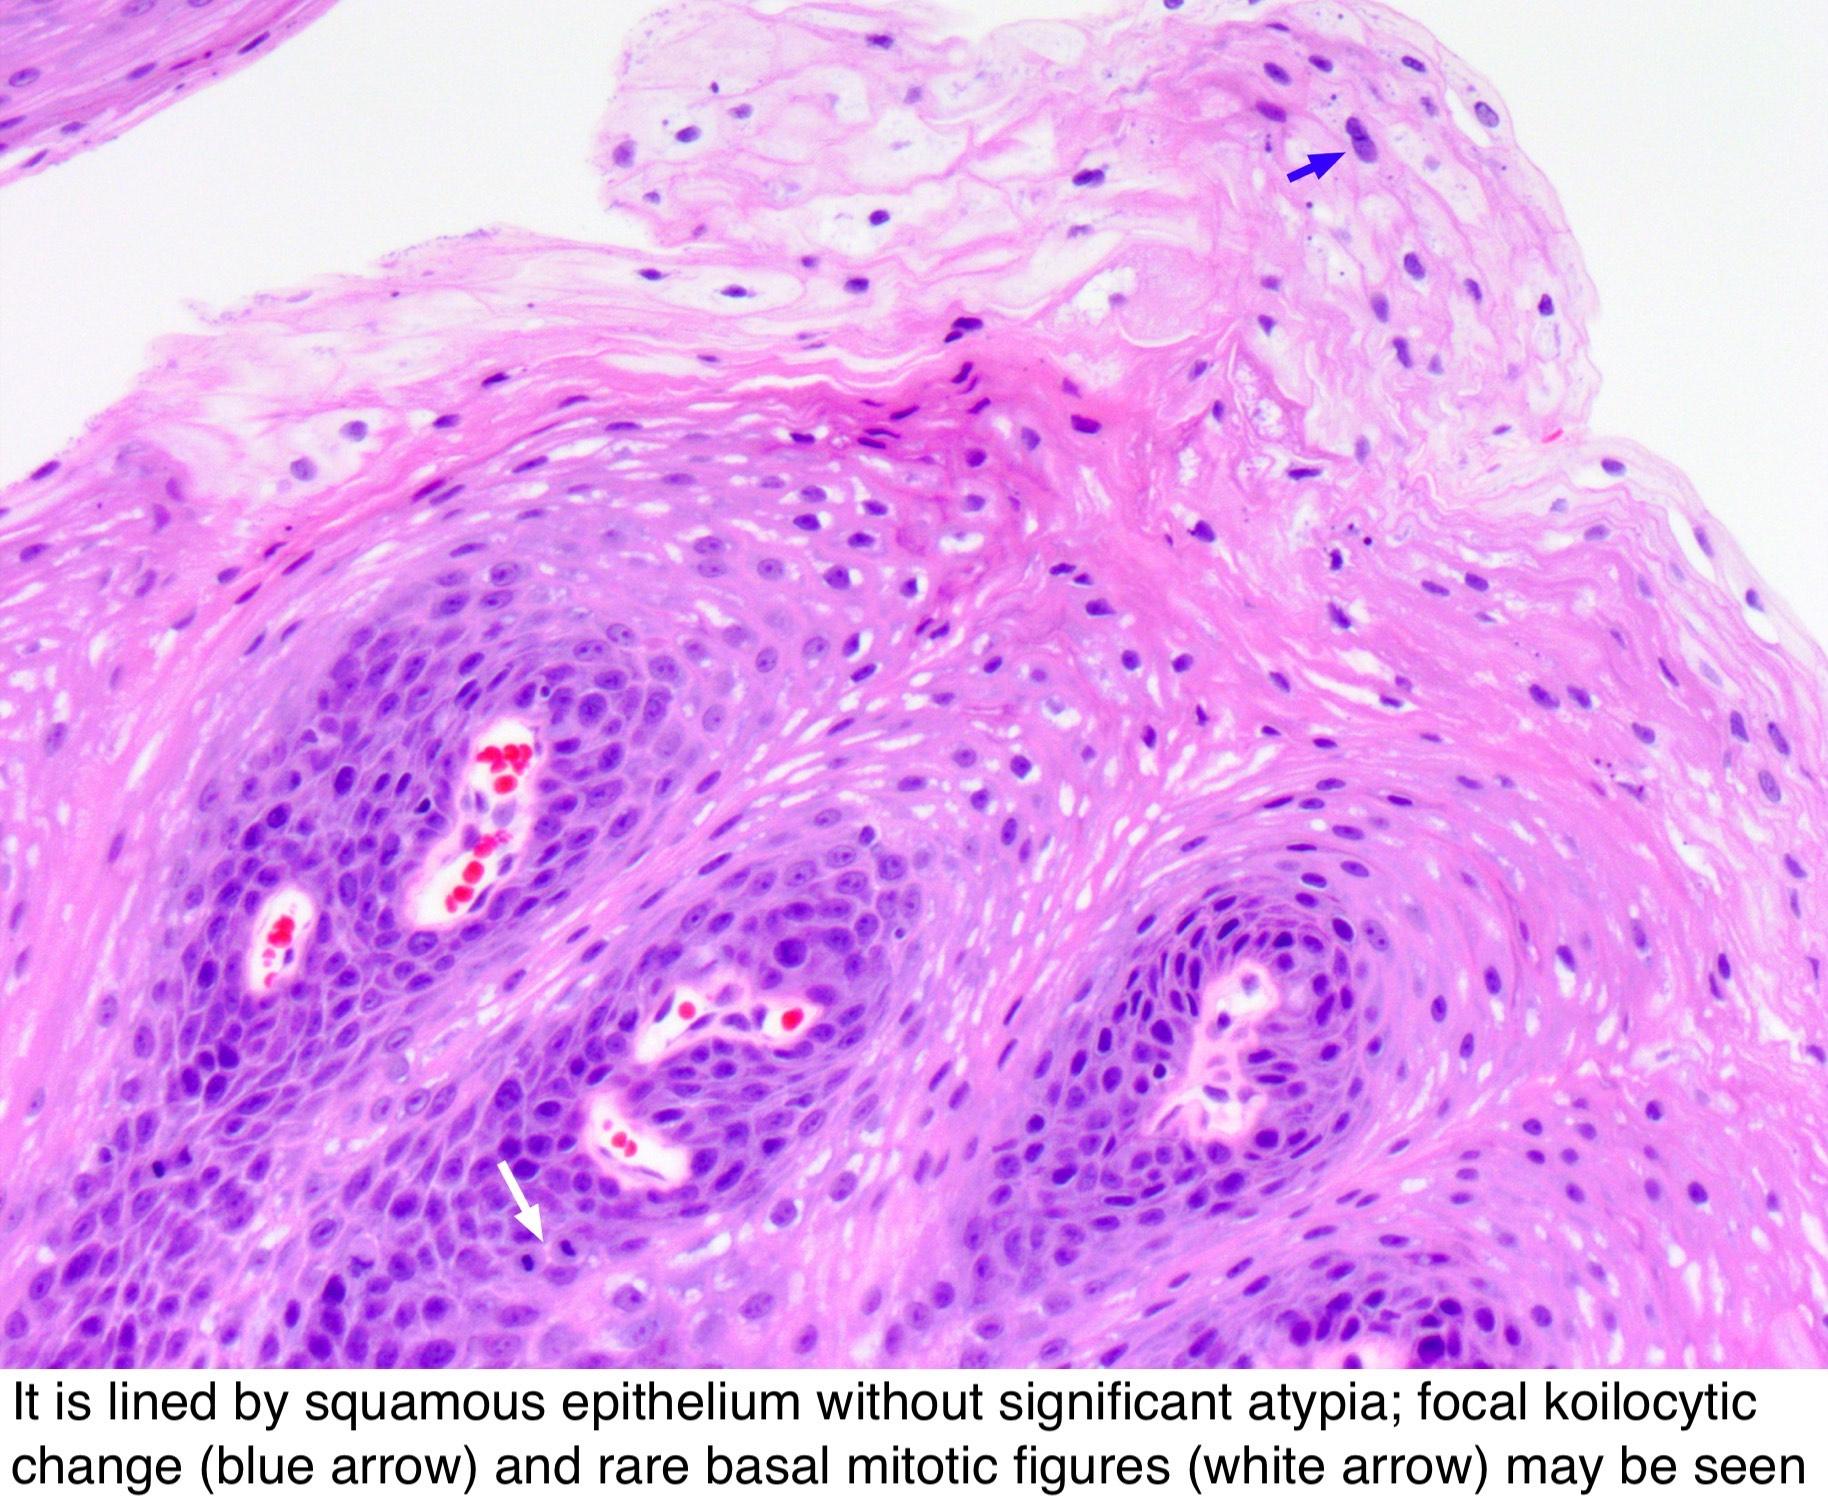 wart virus hpv anemie feripriva sarcina